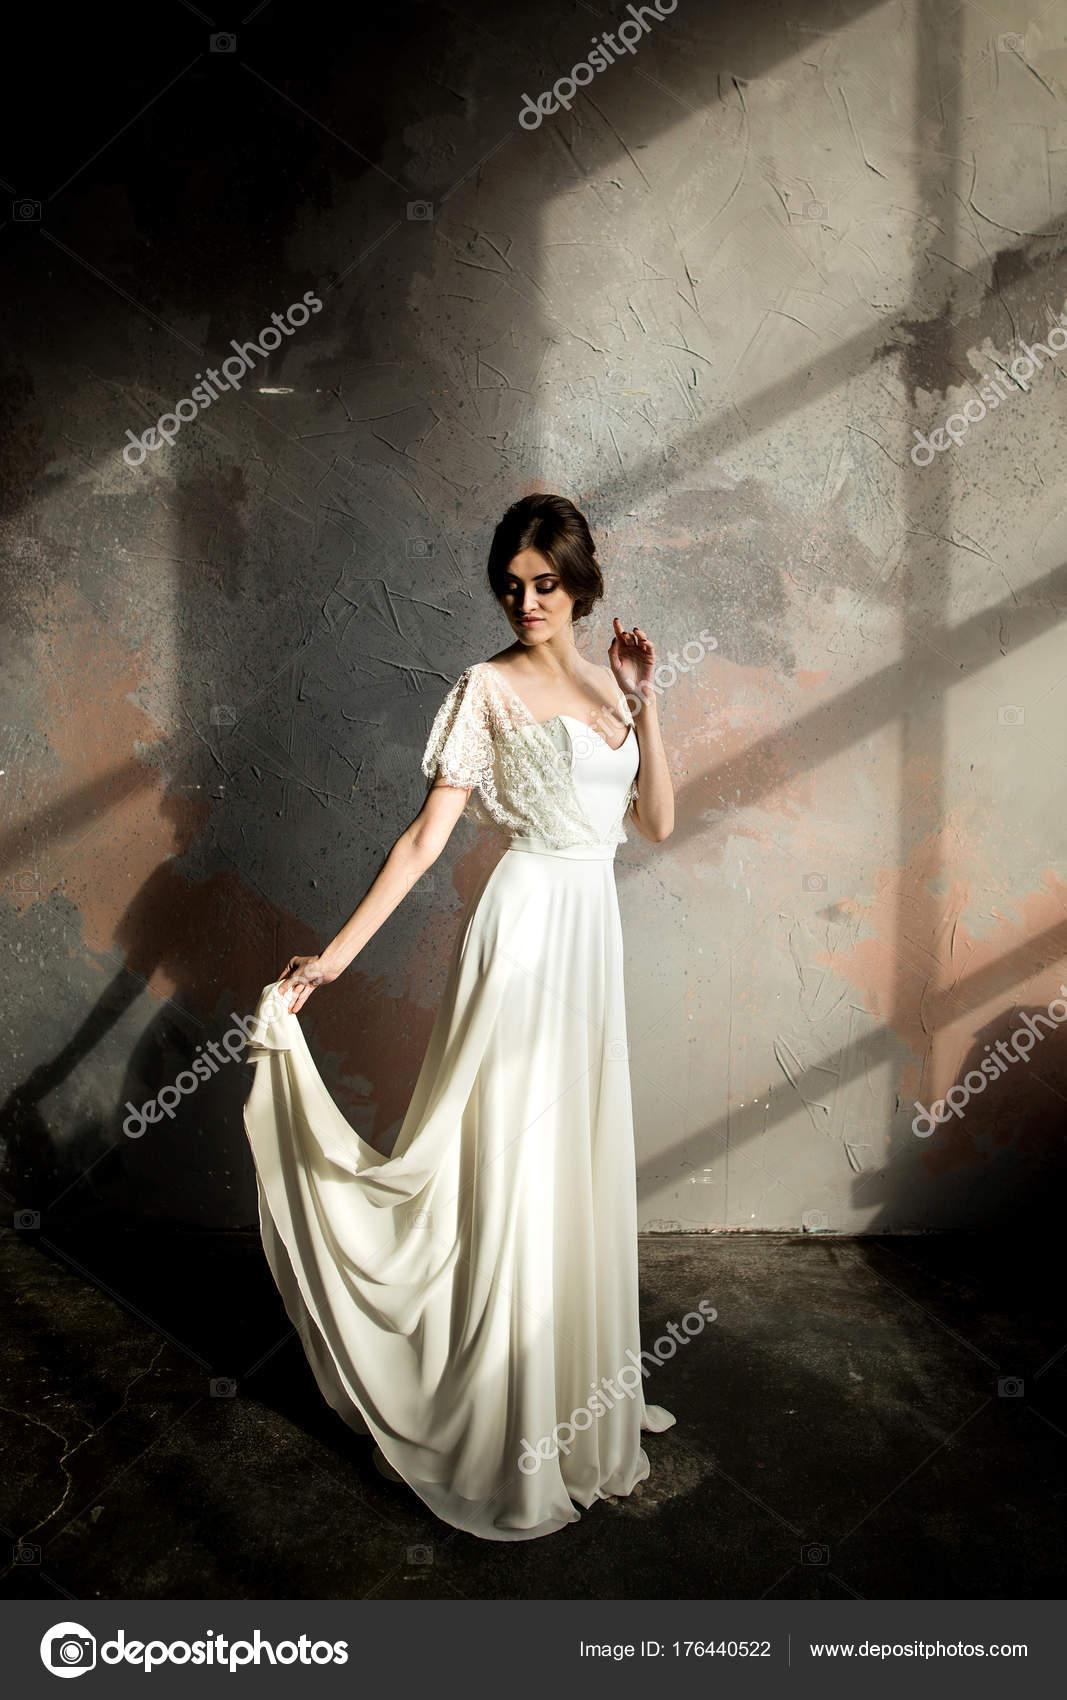 Witte Jurk Op Een Bruiloft.Bruiloft Portret Van Mooie Bruid Witte Jurk Poseren Kamer Met